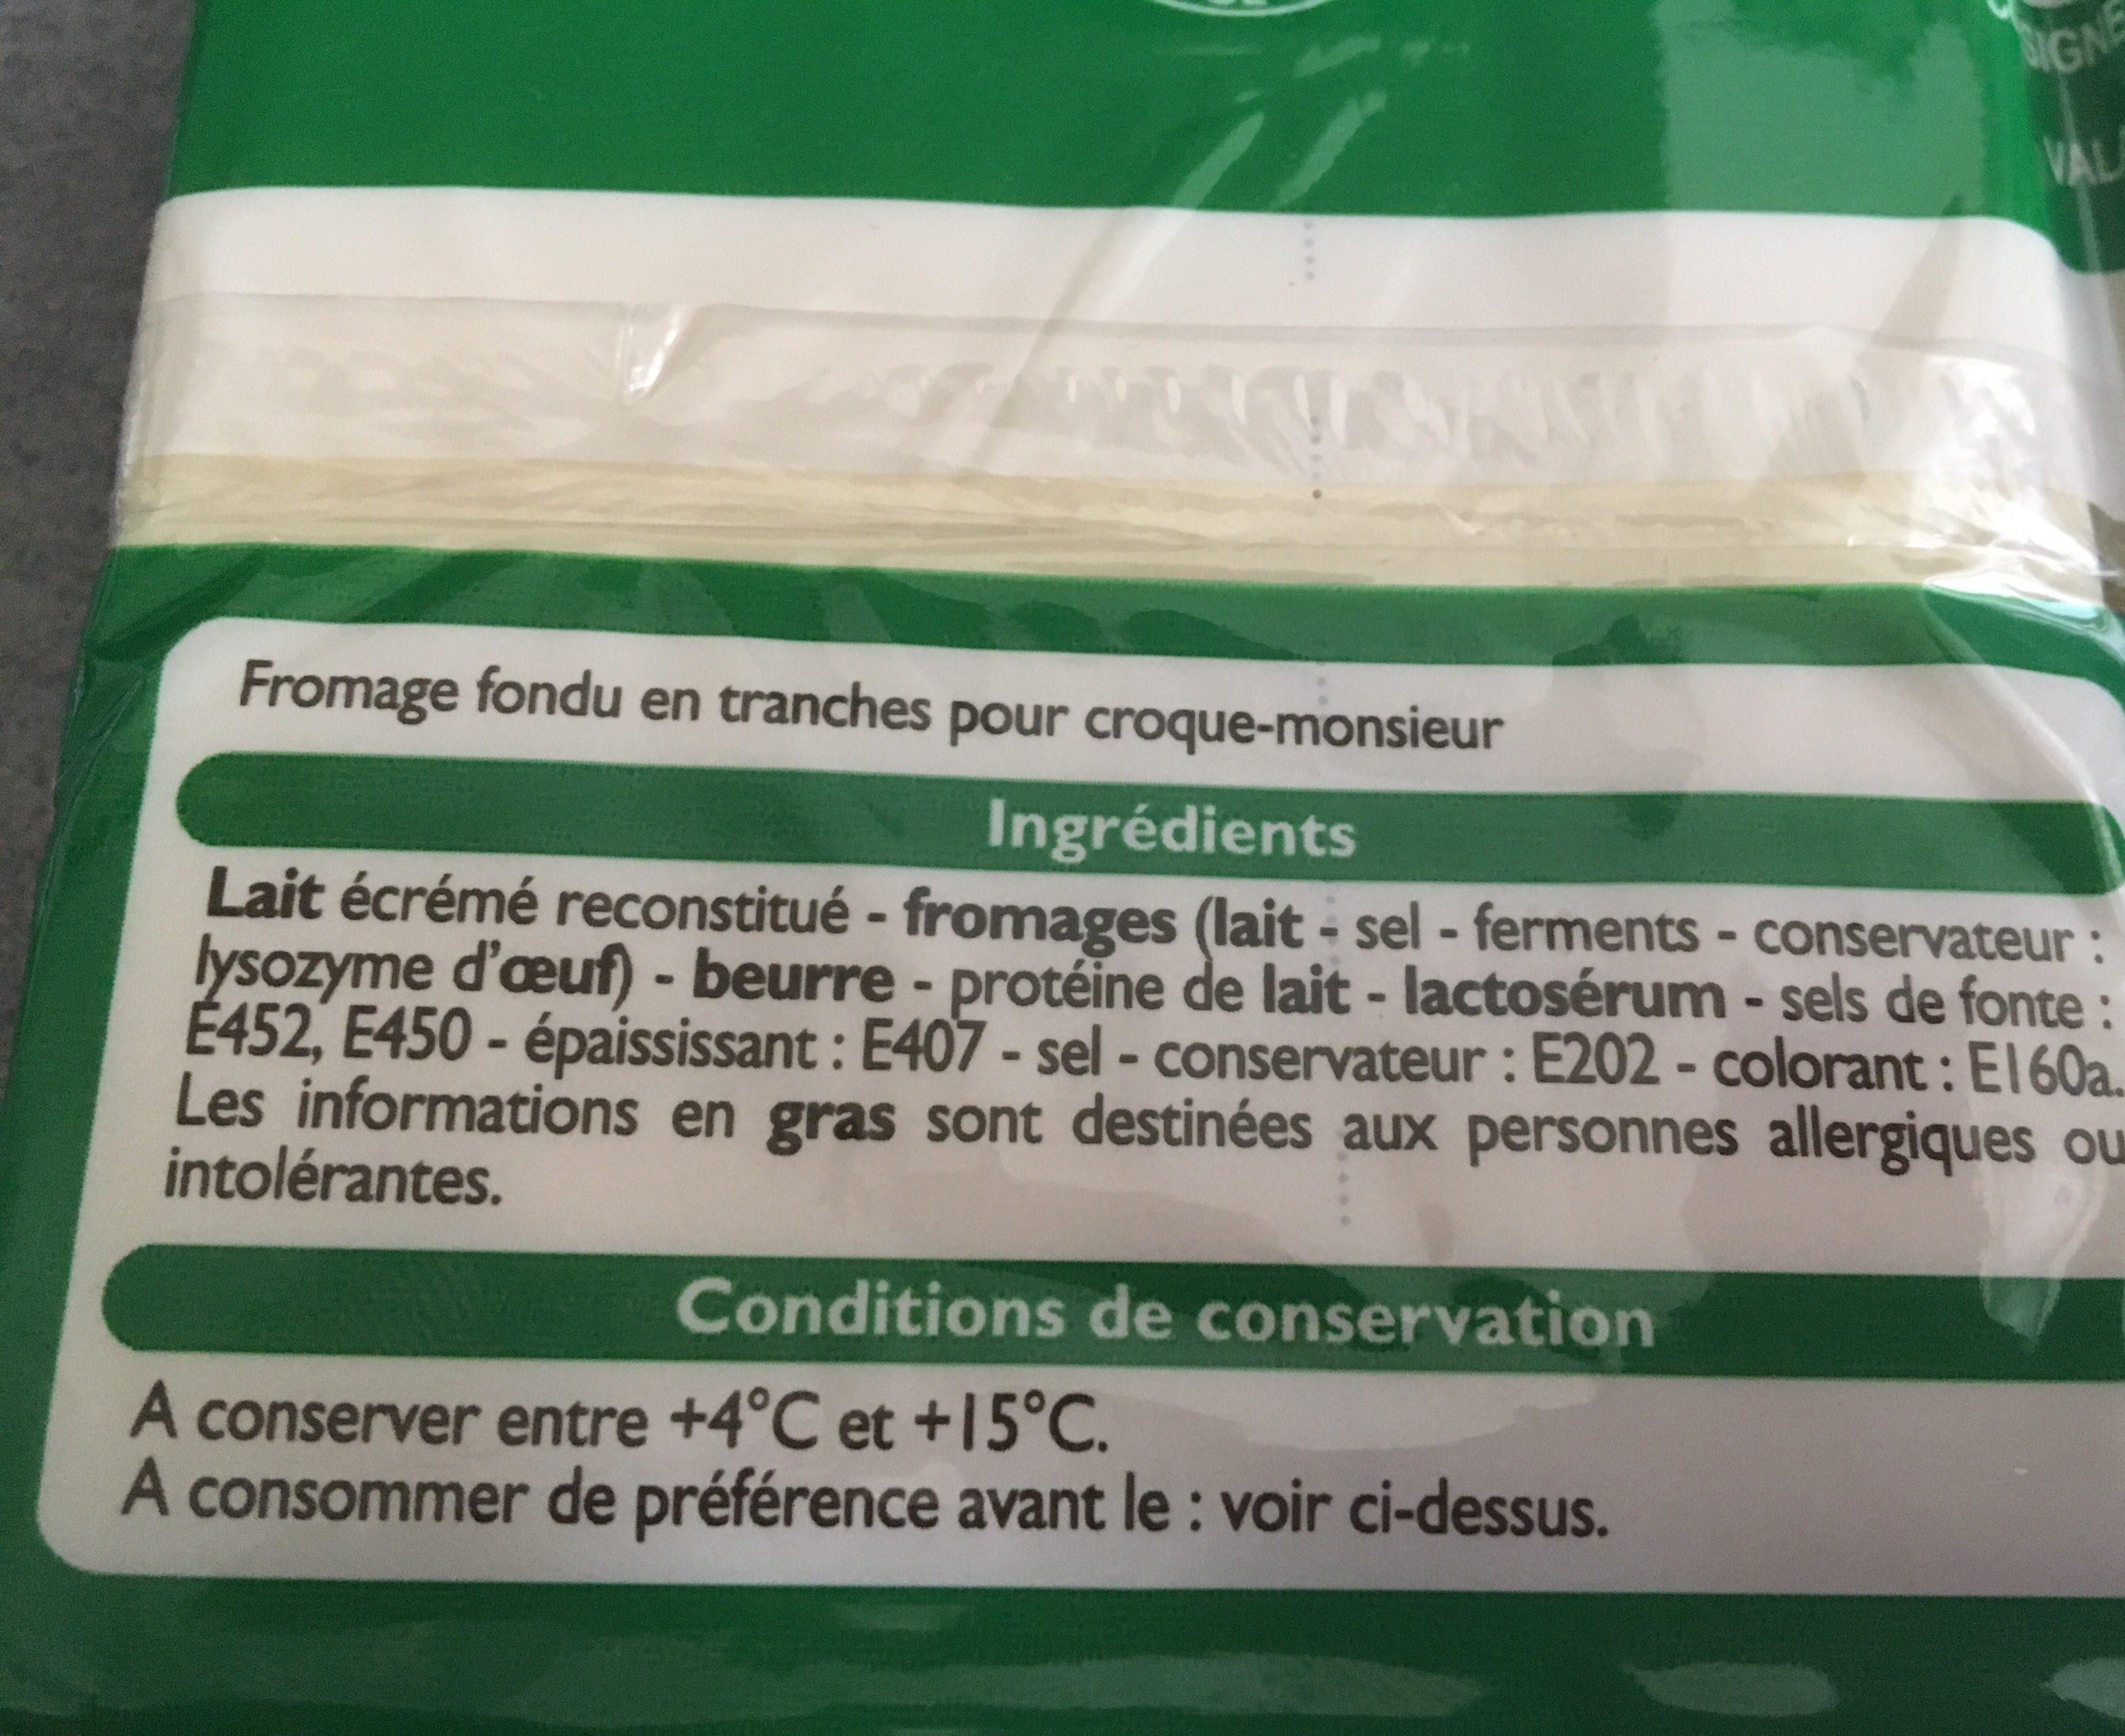 Fromage Fondu Spécial Croque Monsieur - Ingrédients - fr